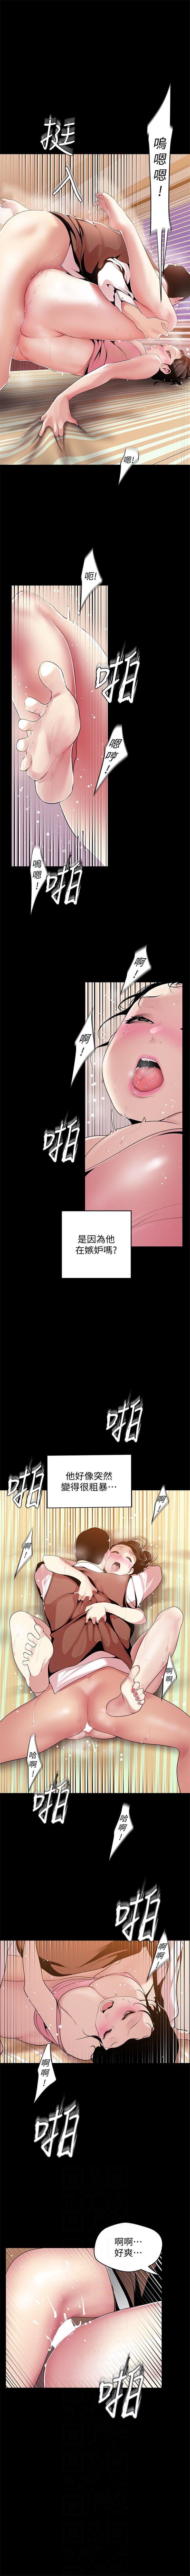 (周6)美丽新世界 1-61 中文翻译 (更新中) 393